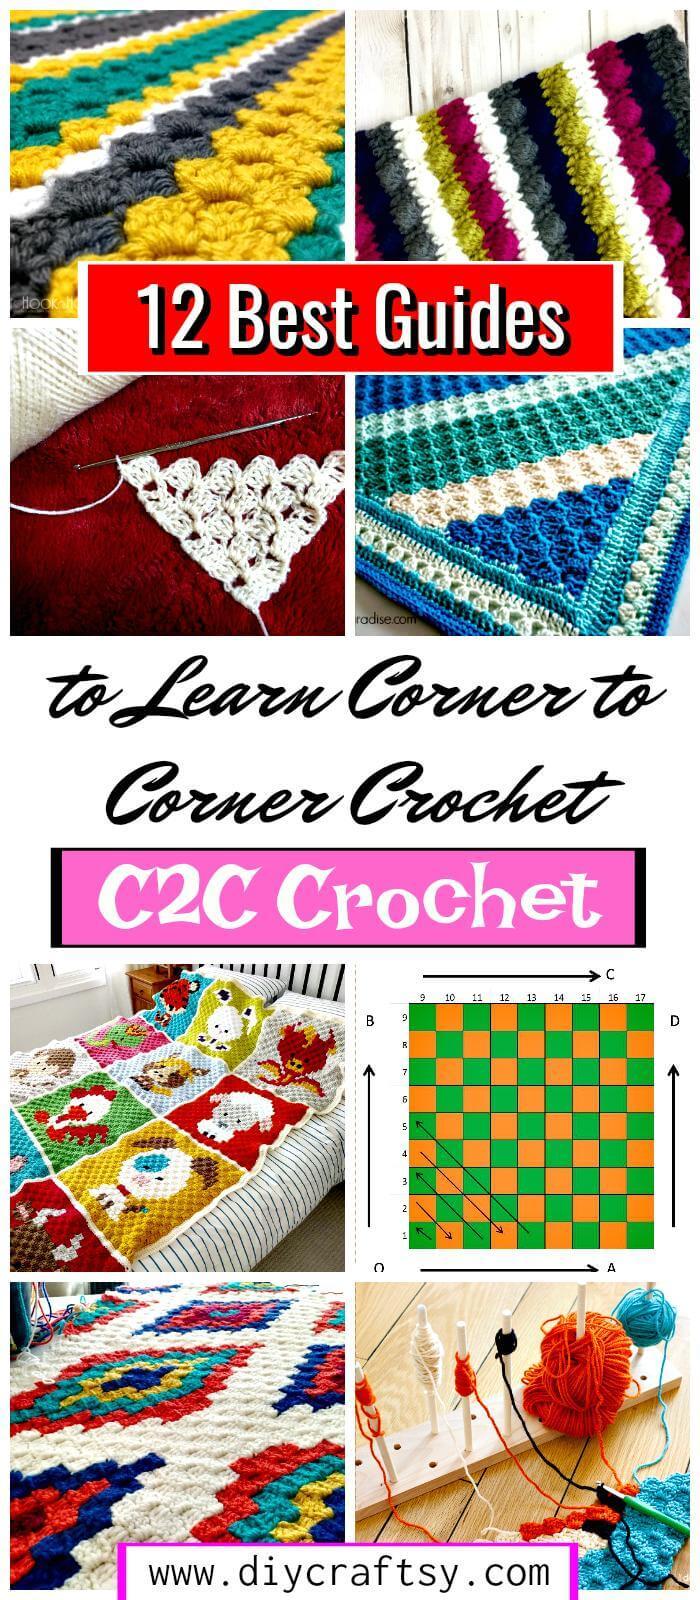 12 mejores guías para aprender crochet de esquina a esquina o crochet C2C: patrones de crochet gratis